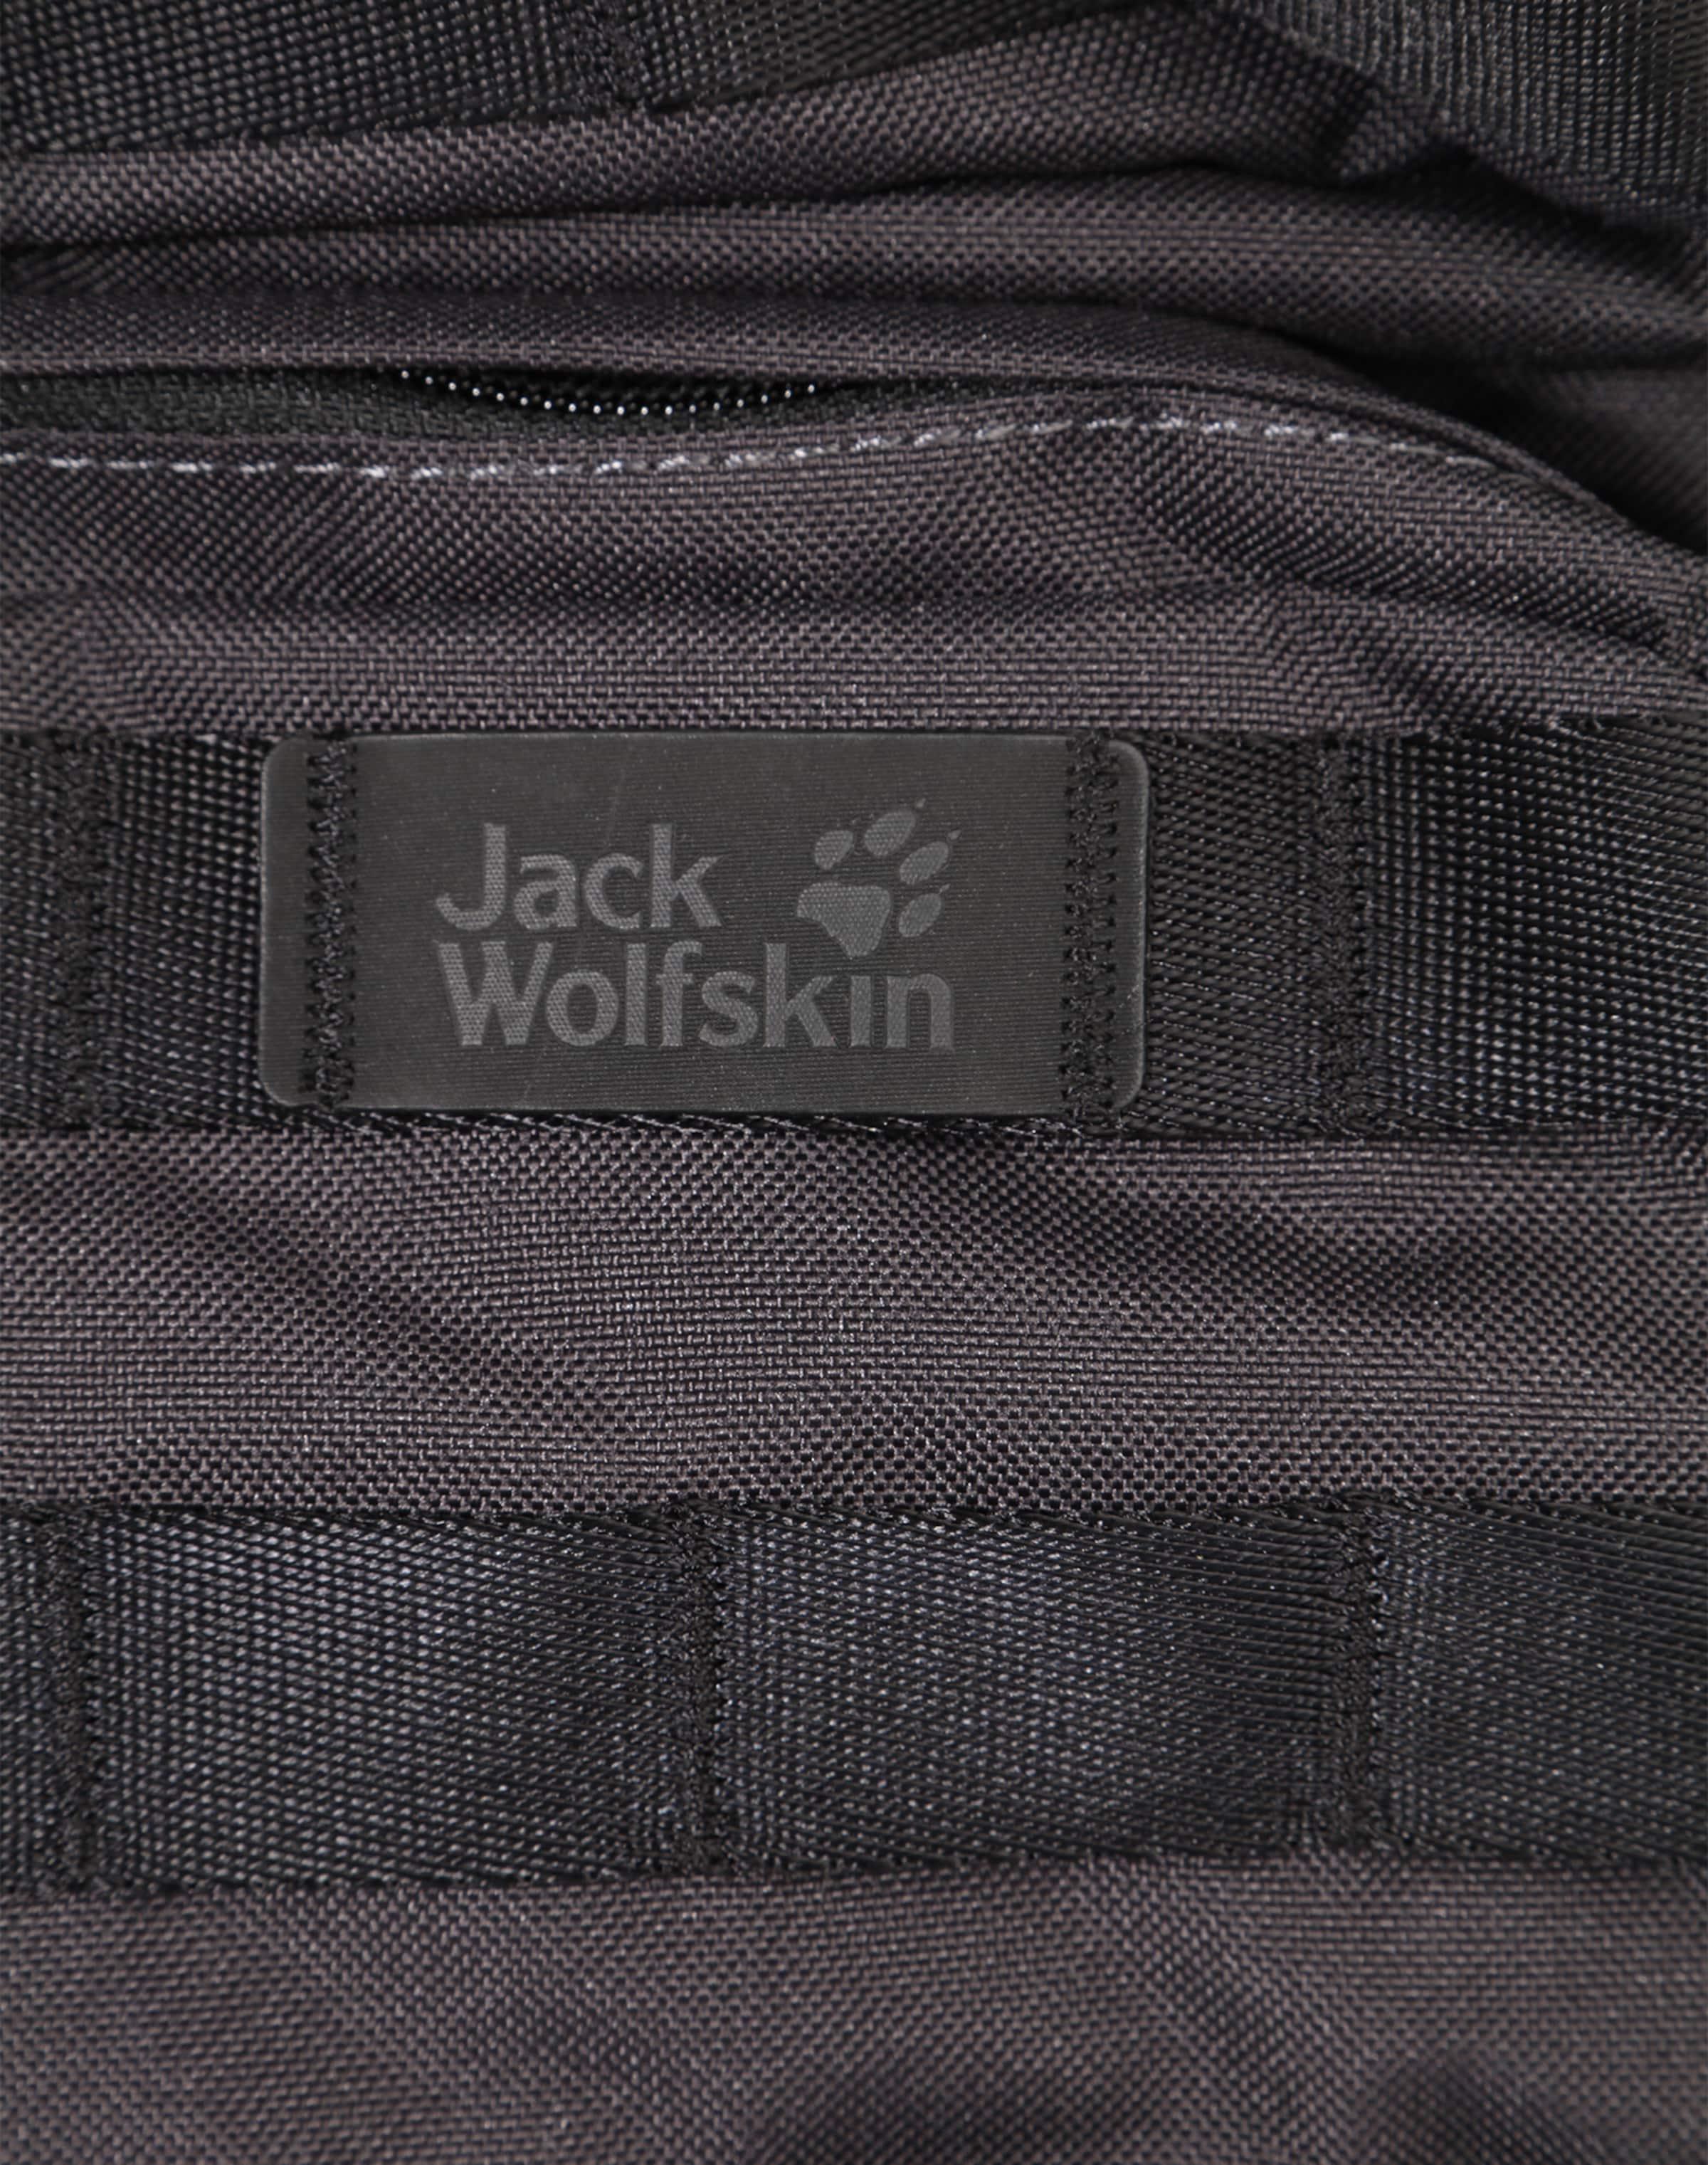 Jack Wolfskin 32' In DunkelgrauSchwarz Rucksack 'trt k0wOPn